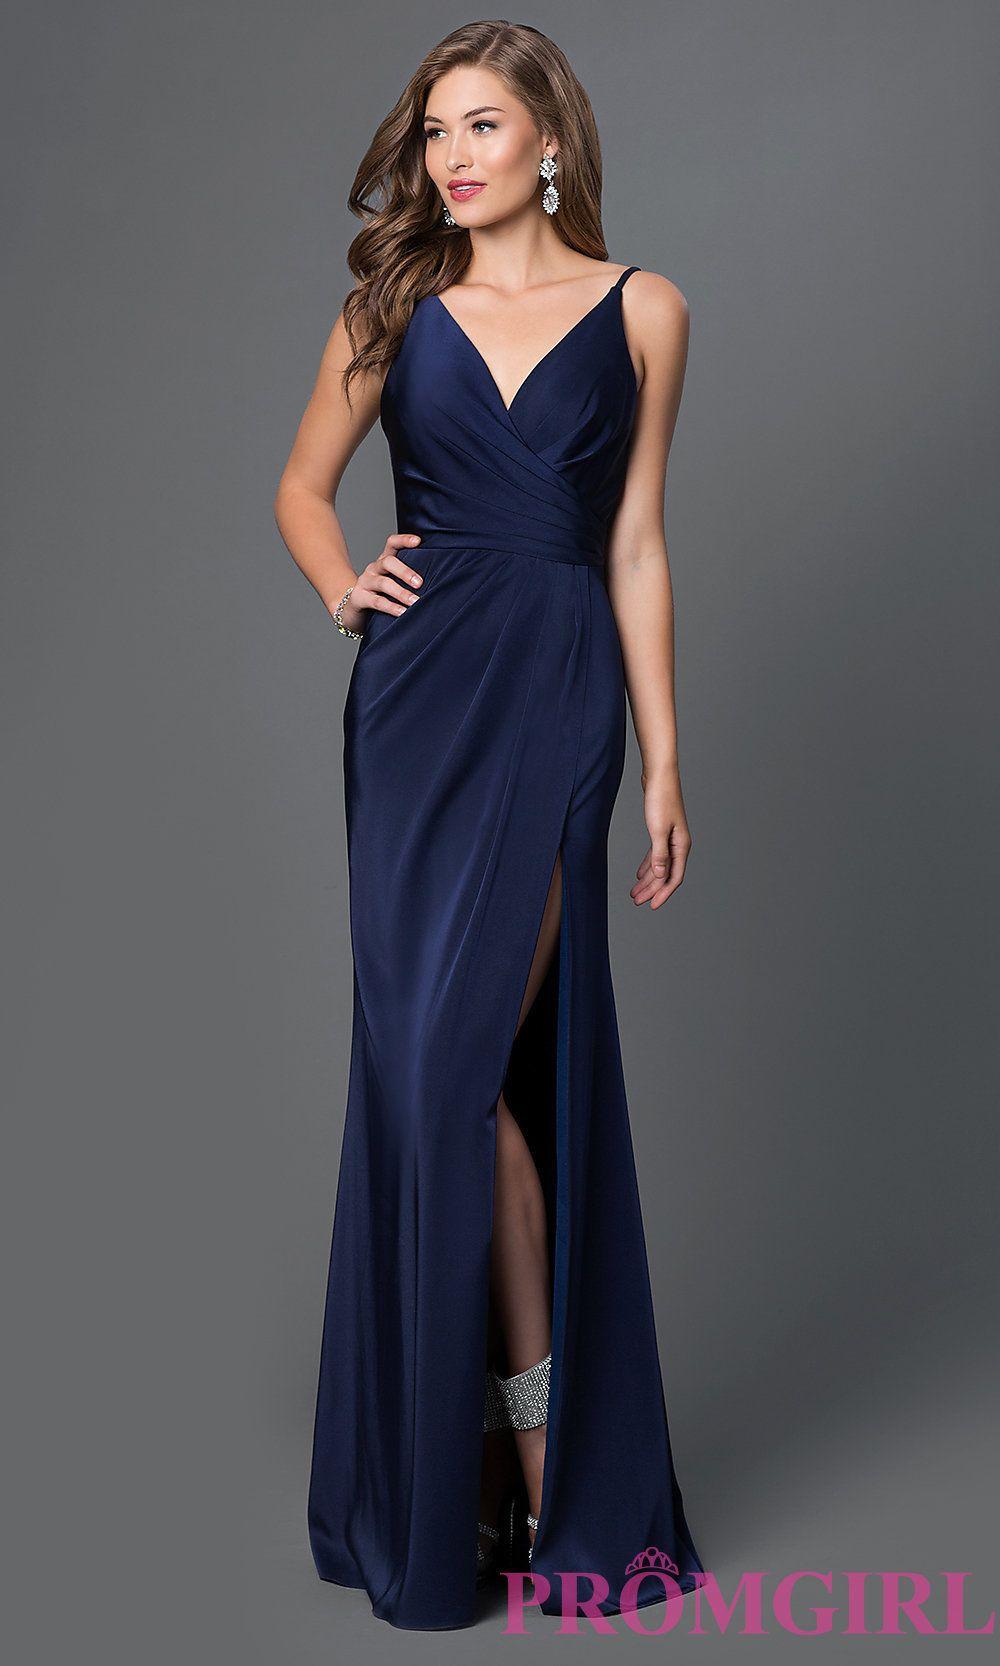 f553d97d4e6 Image of floor length v-neck side slit ruched back dress Style  FA-7755  Front Image